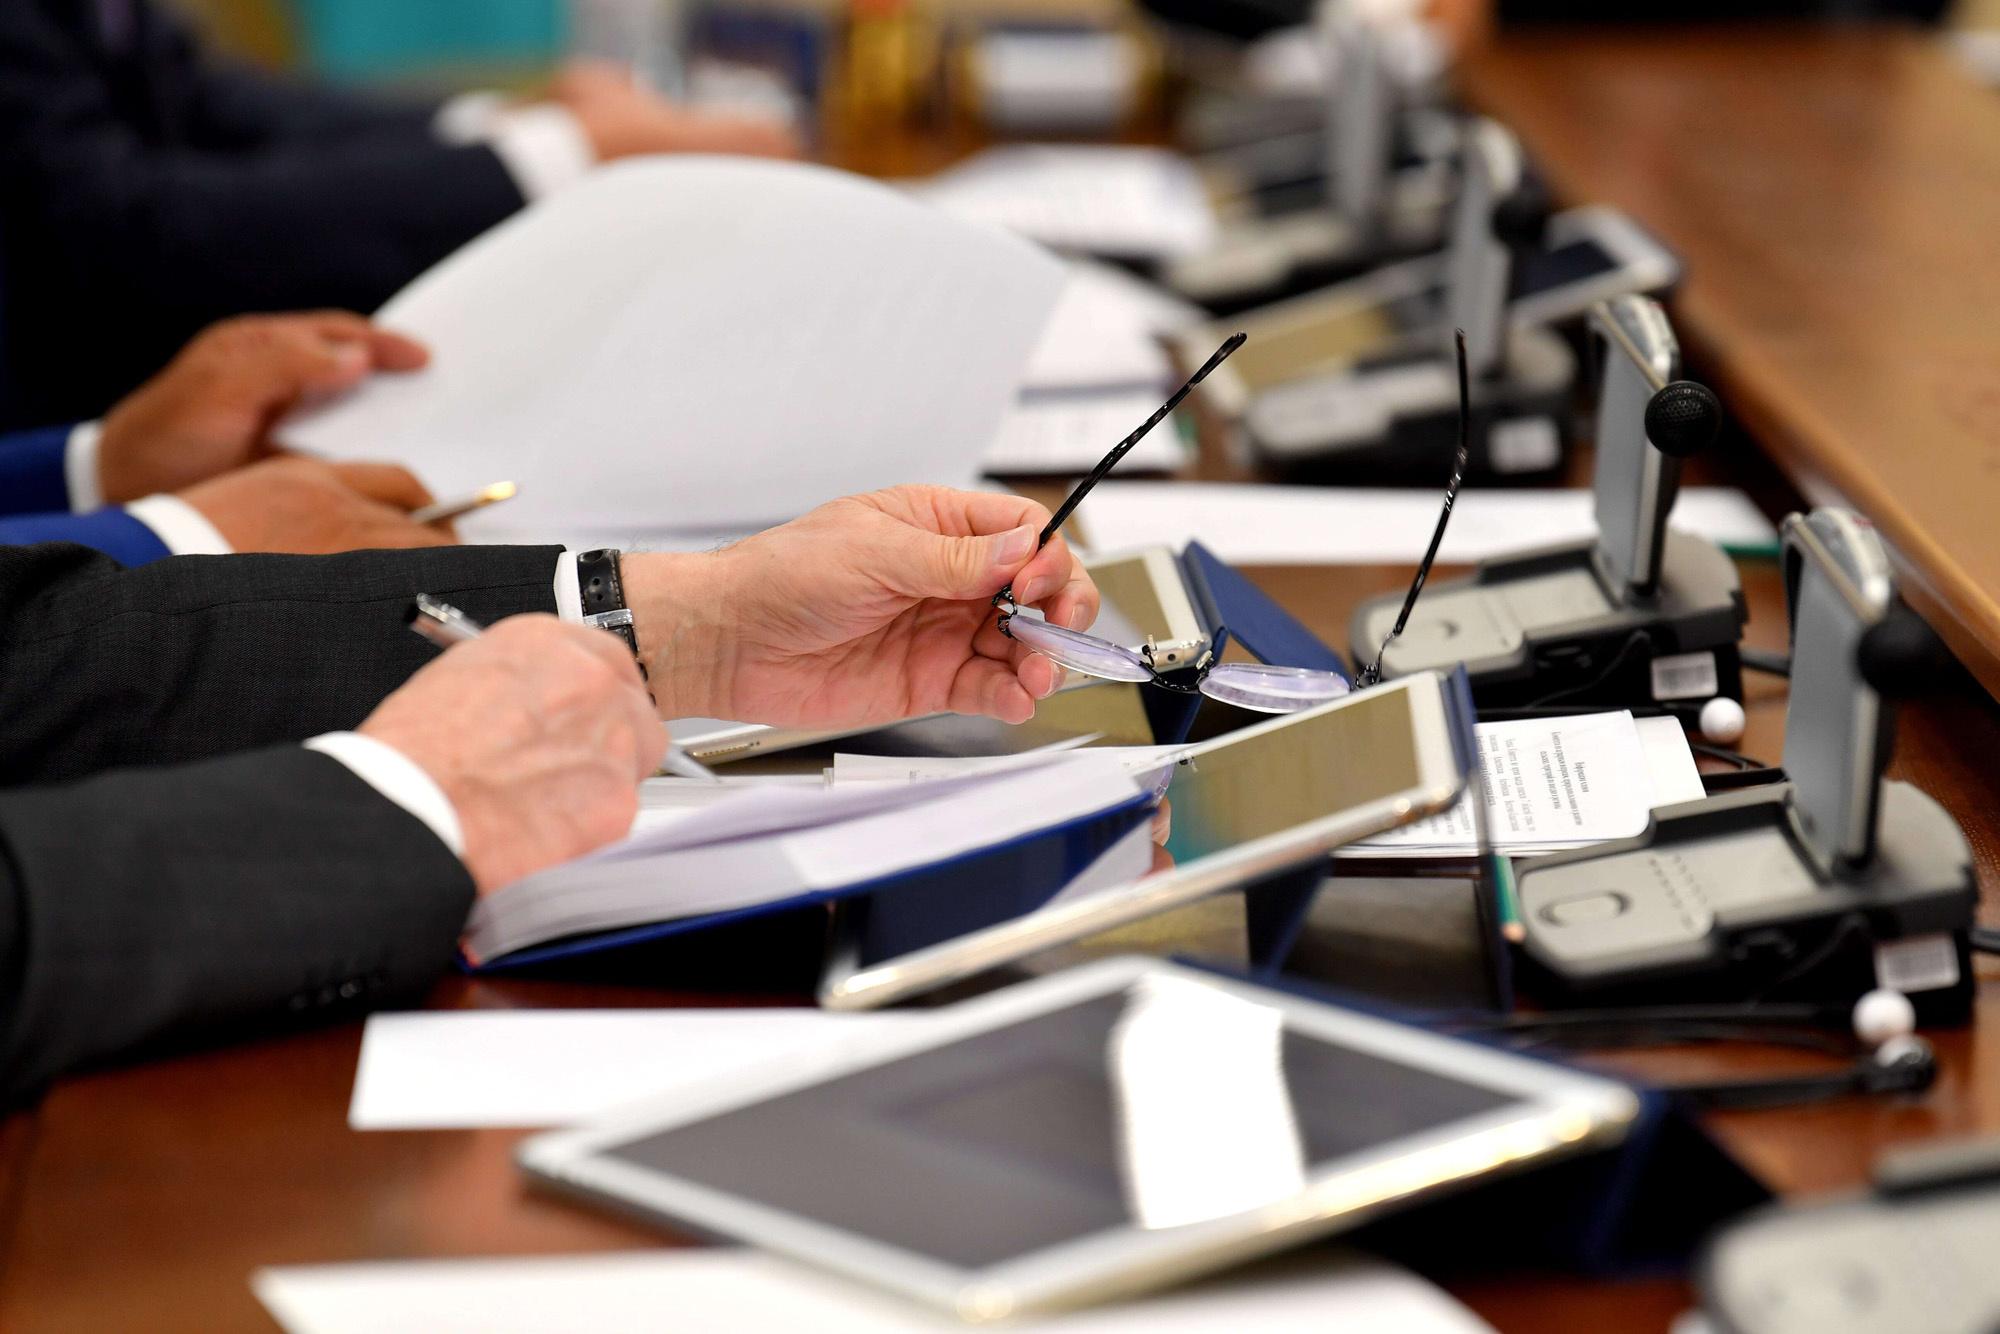 """Разработан законопроект """"О внесении изменений в отдельные законодательные акты Российской Федерации в части установления порядка выявления правообладателей ранее учтенных объектов недвижимости"""""""